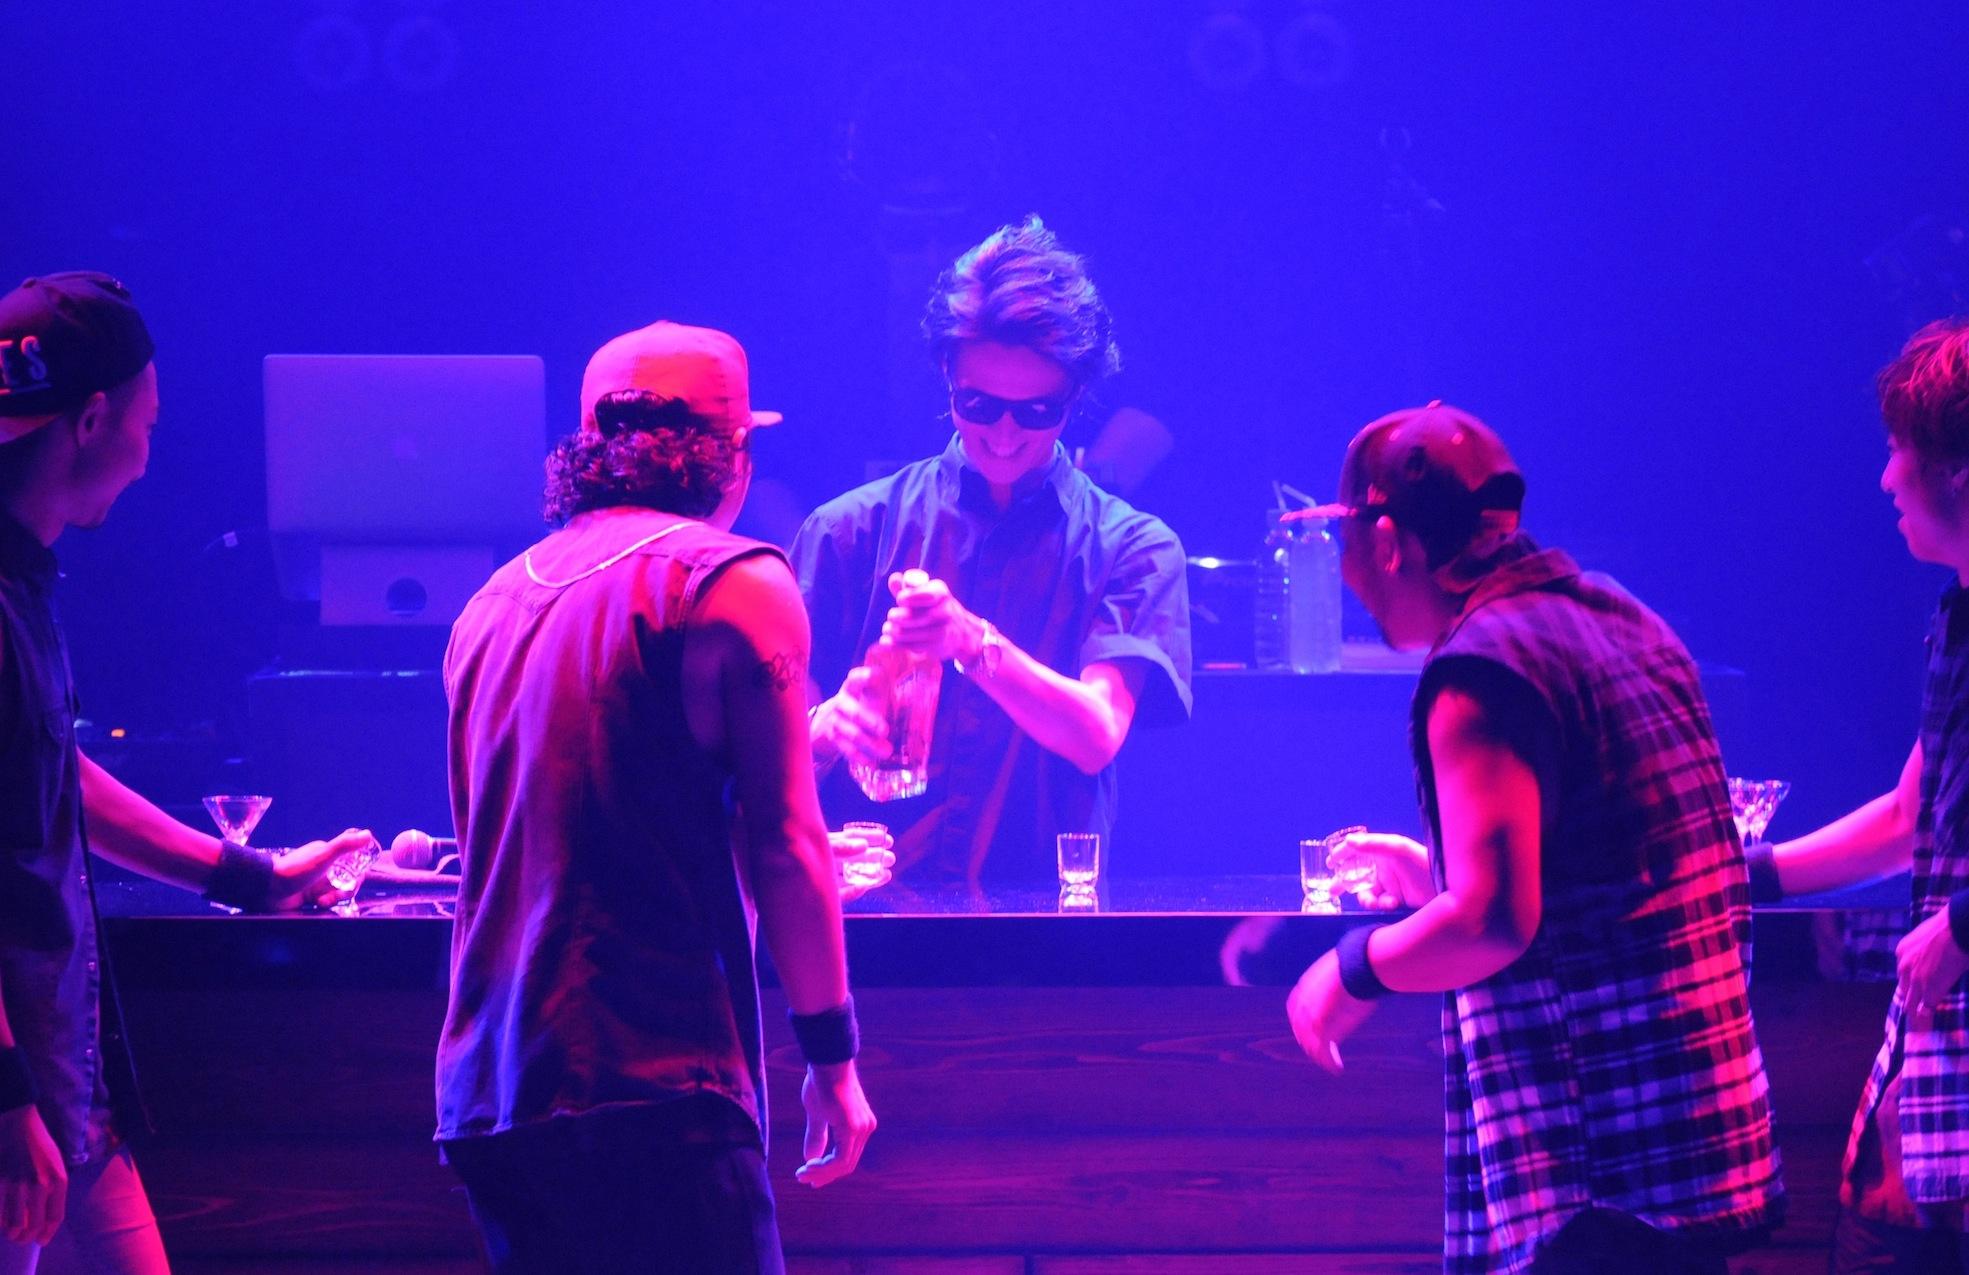 新潟公演時のポンピラの時の様子。 ダンサーも気付いてニヤニヤしてます(笑)。